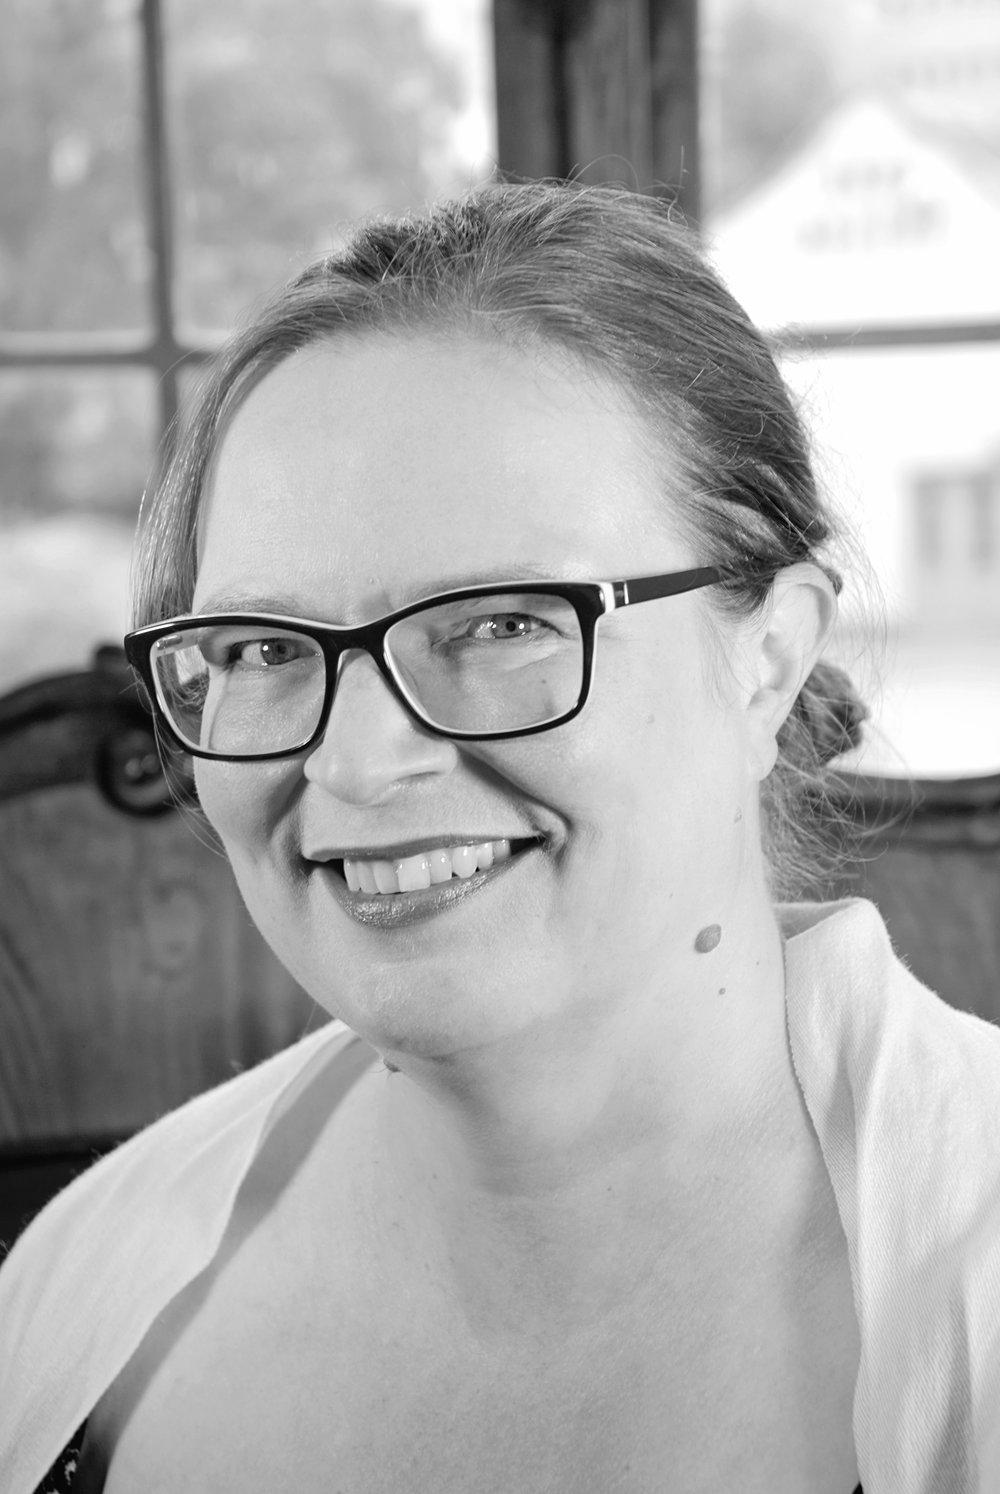 minna turtiainen - Sköter om ekonomin tillsammans med Tiina Lehtinen.treasury@icomfinland.fi